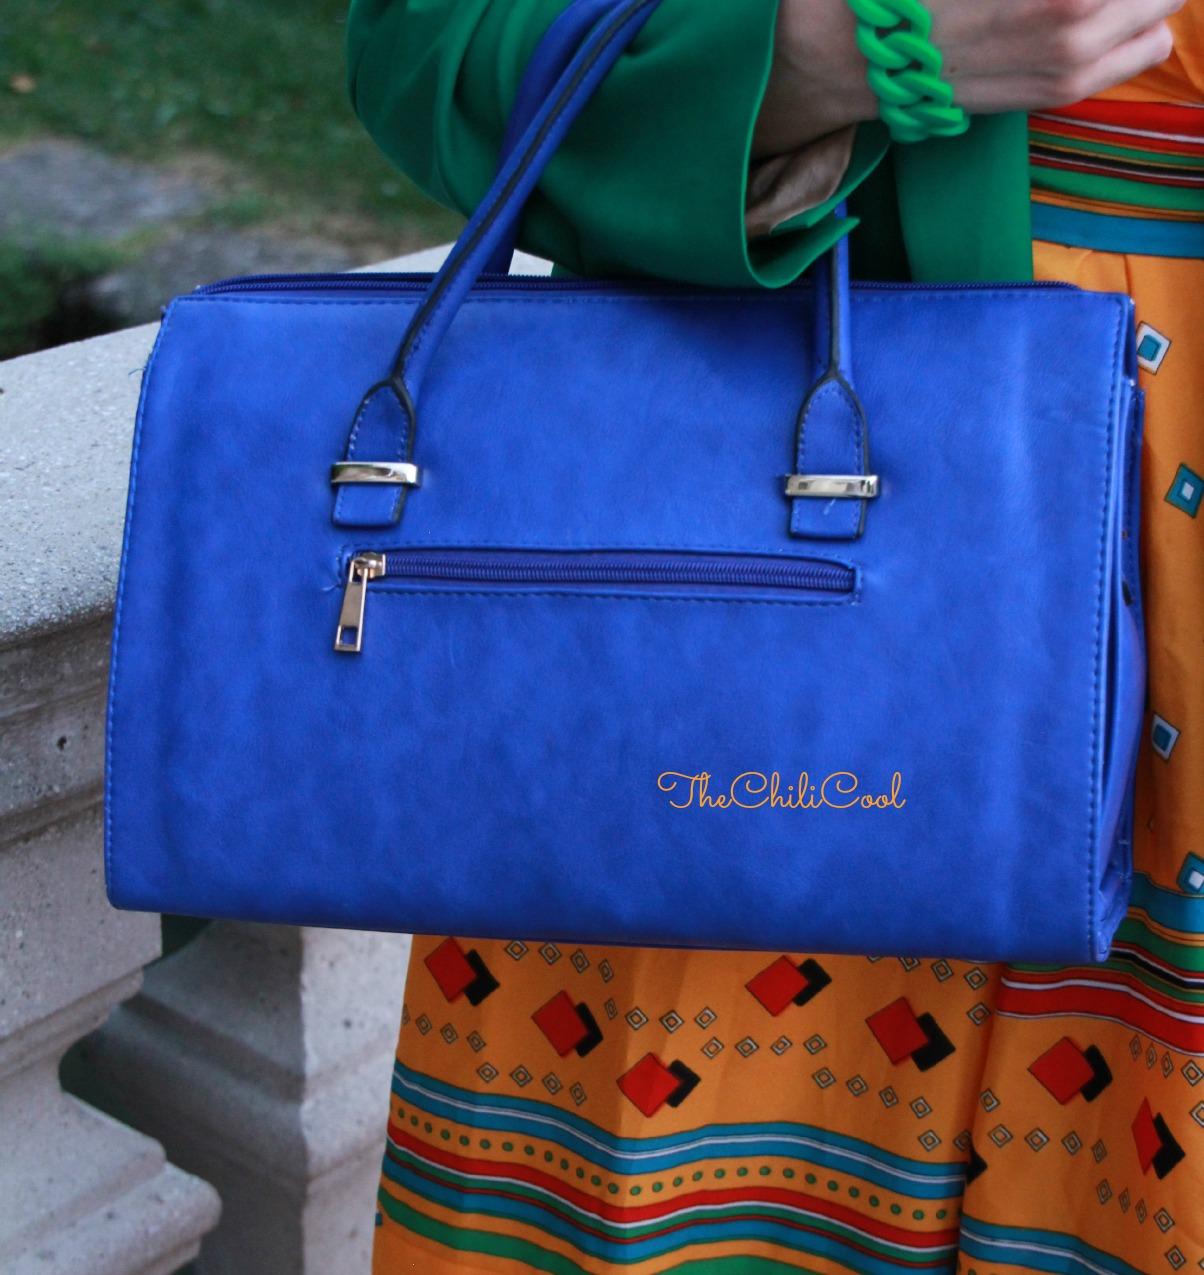 alessia milanese, thechilicool,fashion blog, fashion blogger,Un viaggio indietro nel tempo con un abito vintage e colori saturi, vintage